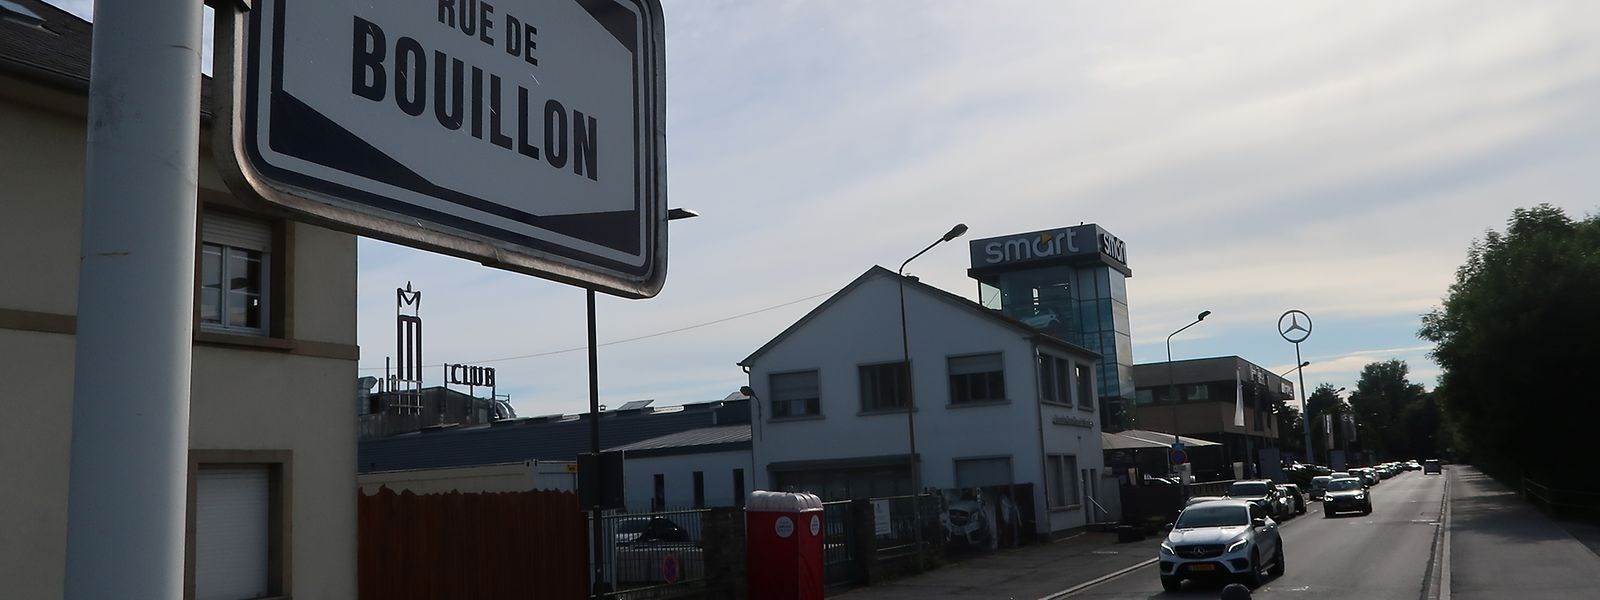 Kurz vor 7 Uhr morgens kam es am 14. Februar 2016 nach einem Diskobesuch in der hauptstädtischen Rue de Bouillon zu einer Schlägerei zwischen Polizisten, Soldaten und Zivilisten.